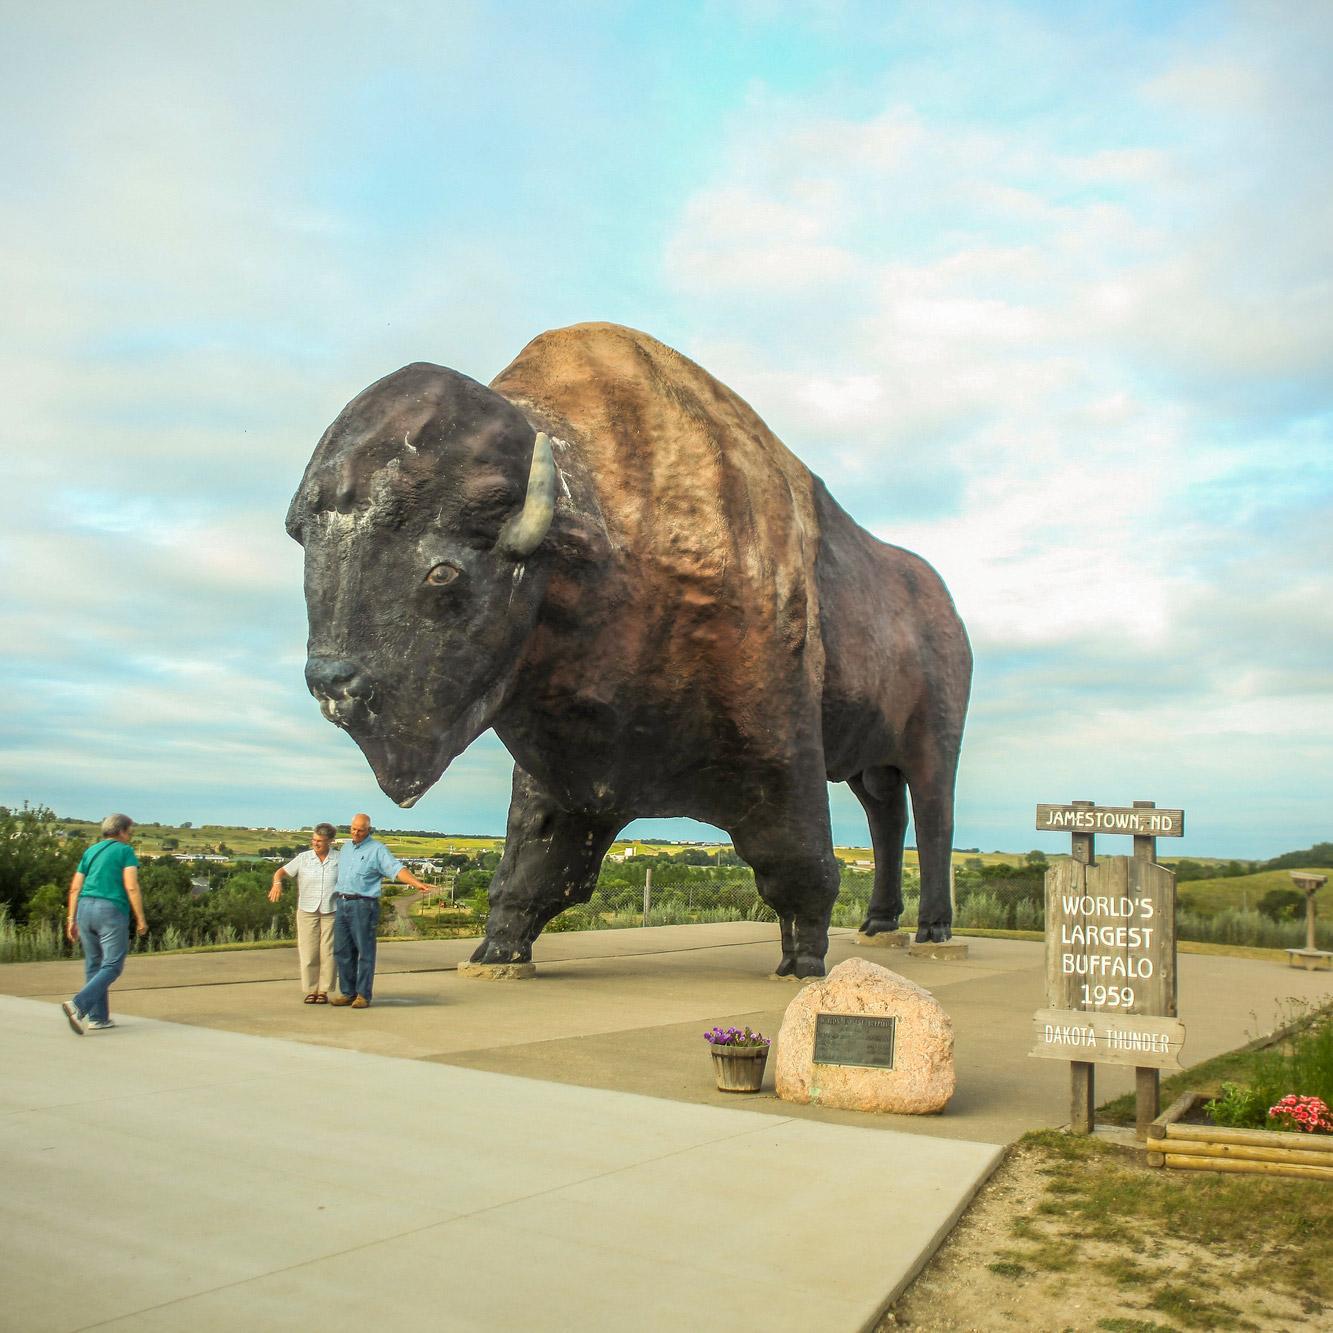 World's Largest Buffalo